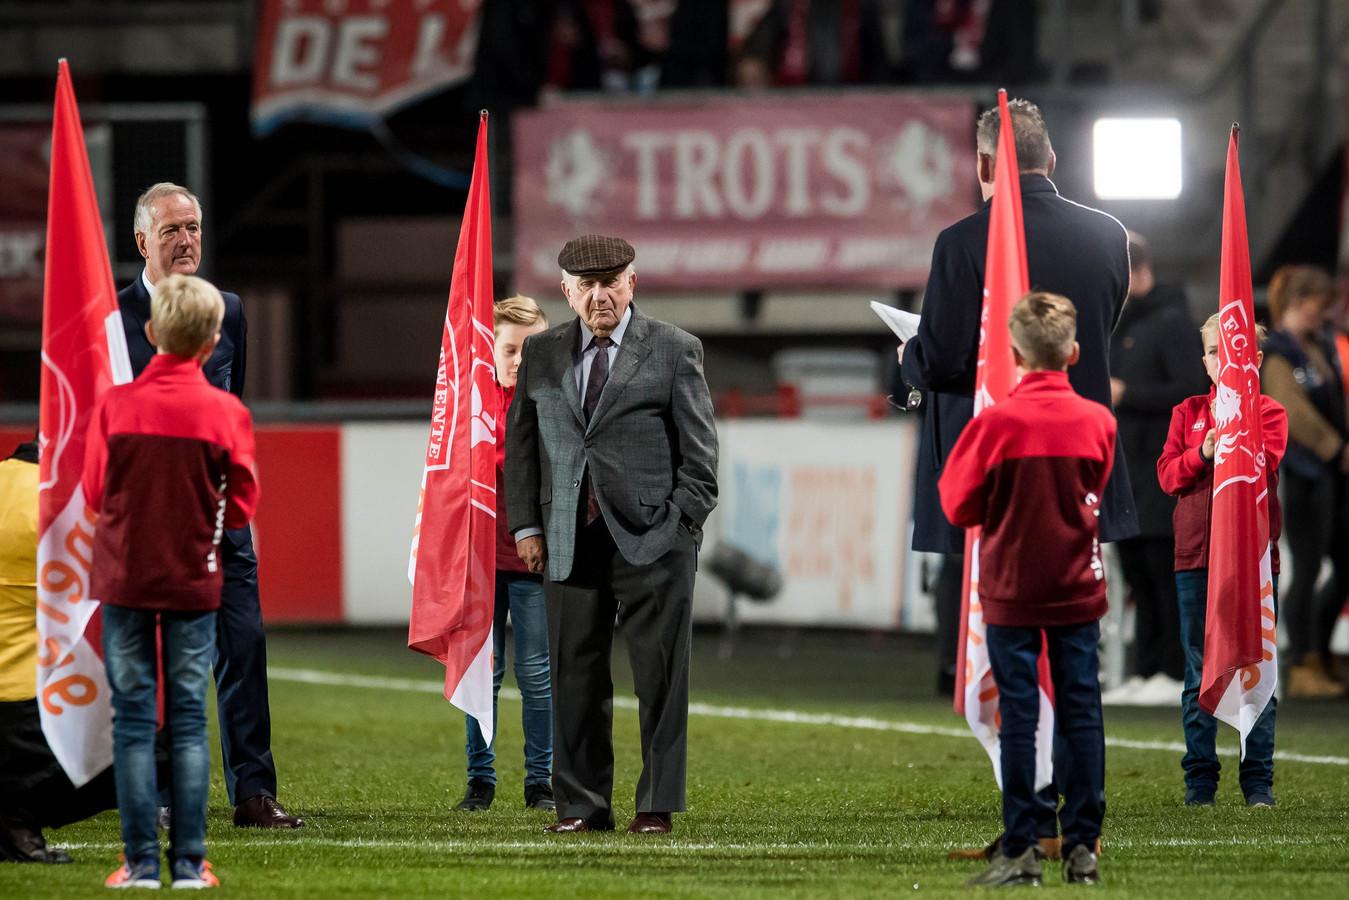 Kees Rijvers wordt uitgeroepen tot erelid van FC Twente, zaterdag in de Grolsch Veste.